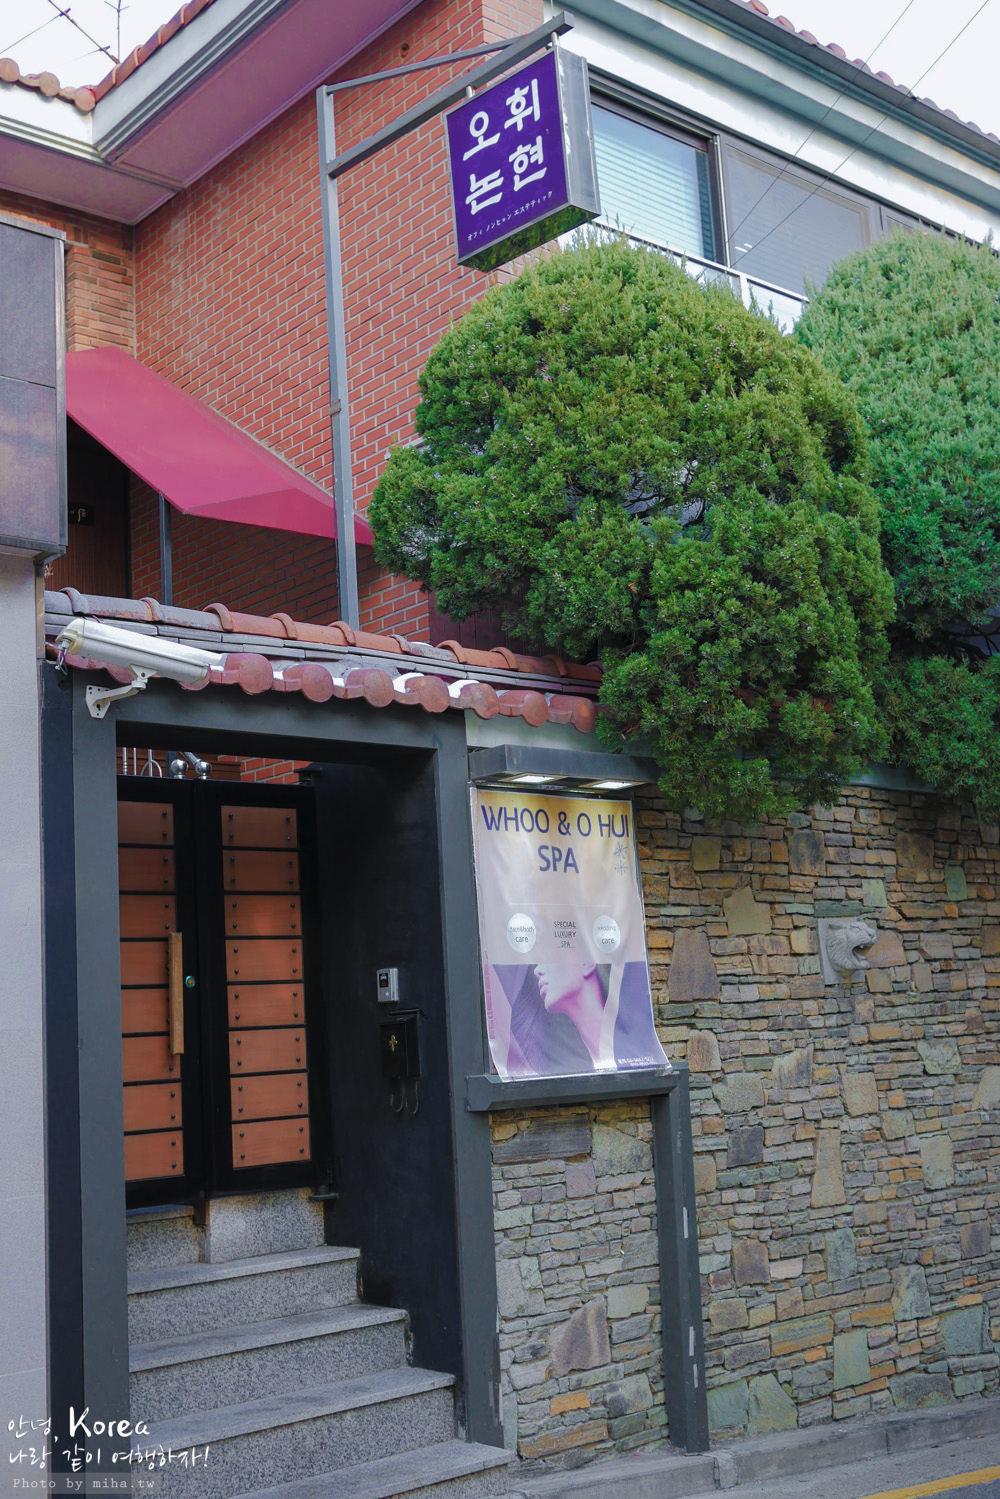 首爾自由行,首爾好玩,首爾景點,首爾spa,首爾按摩,韓國后spa